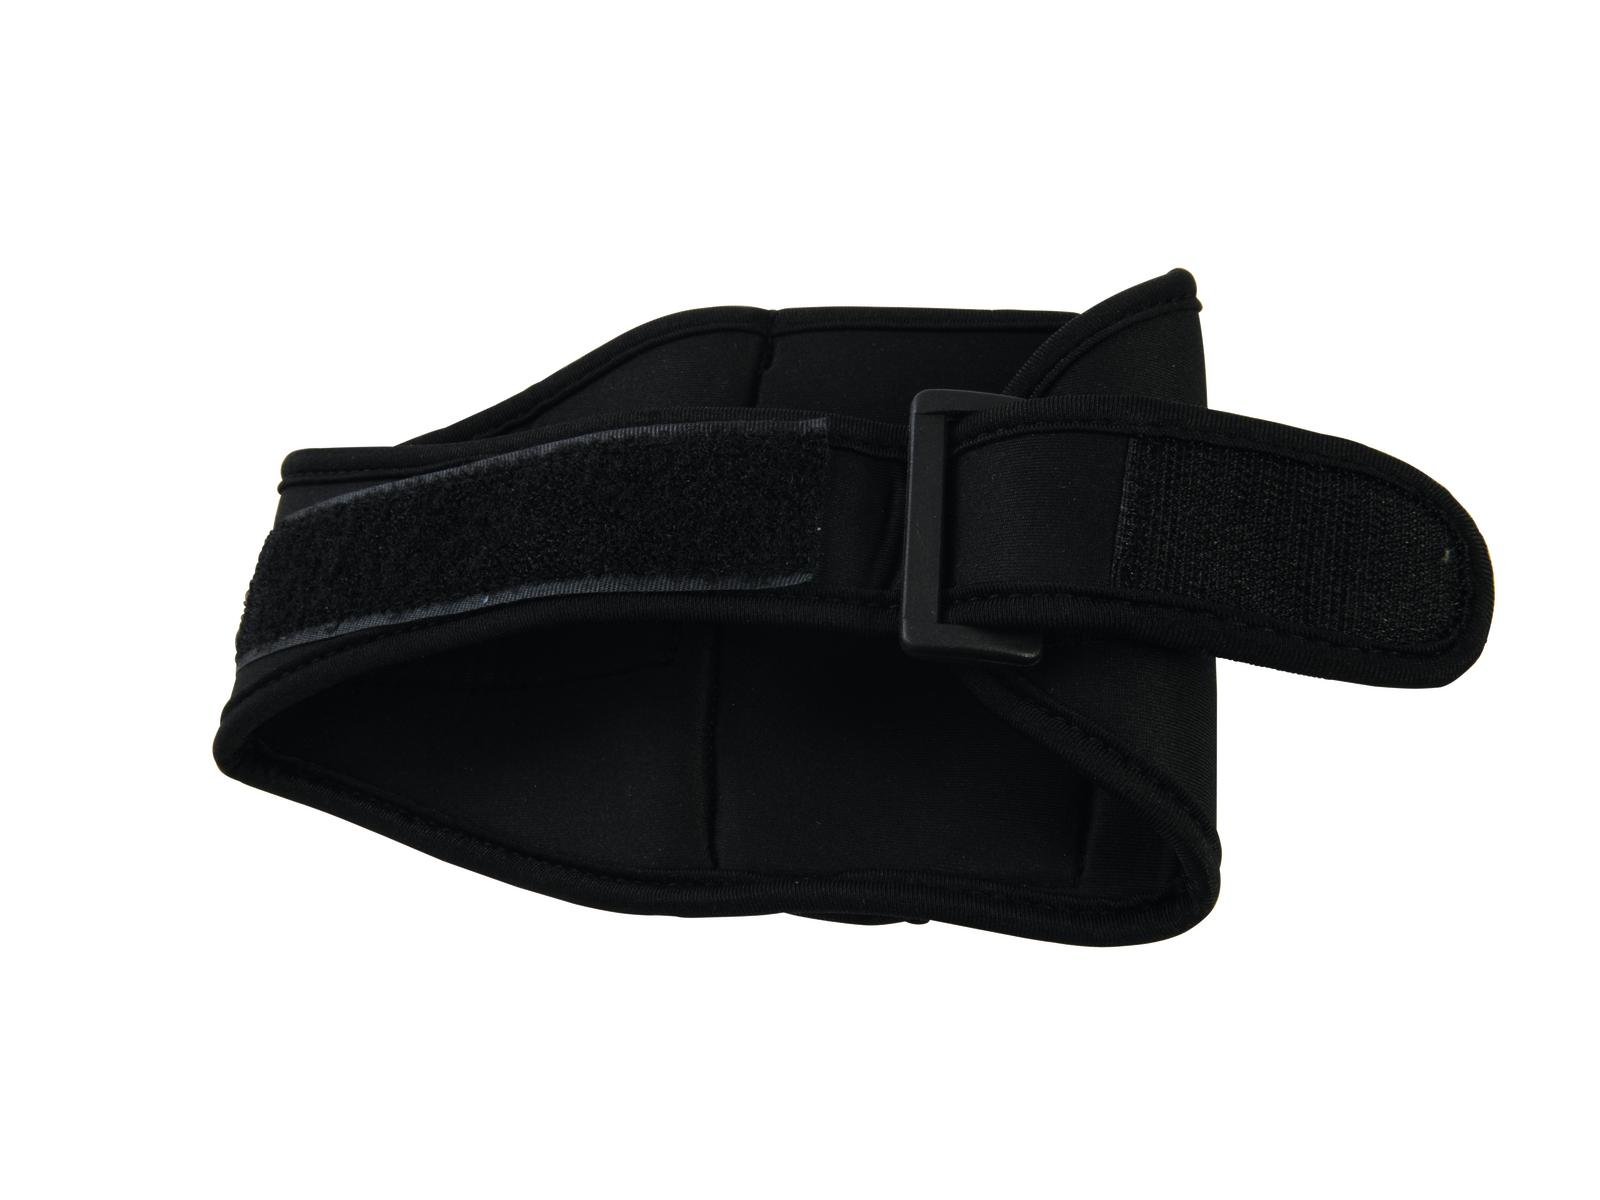 OMNITRONIC Armgürtel für Taschenempfänger/Sender